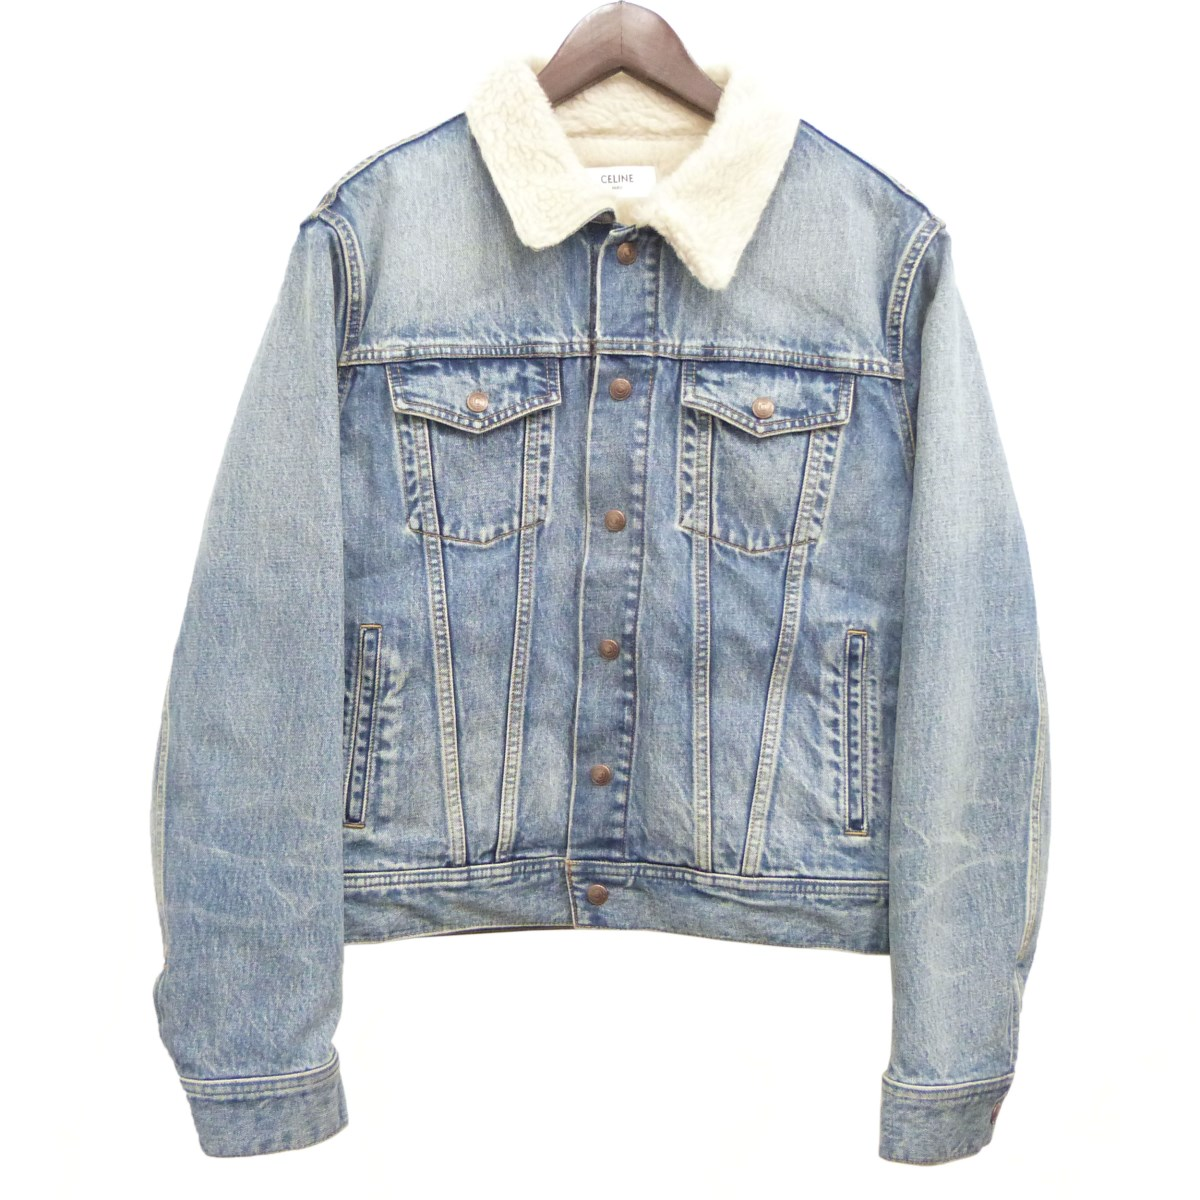 【中古】CELINE 「Classic Trucker Jacket in Denim」デニムジャケット インディゴ サイズ:S 【220320】(セリーヌ)